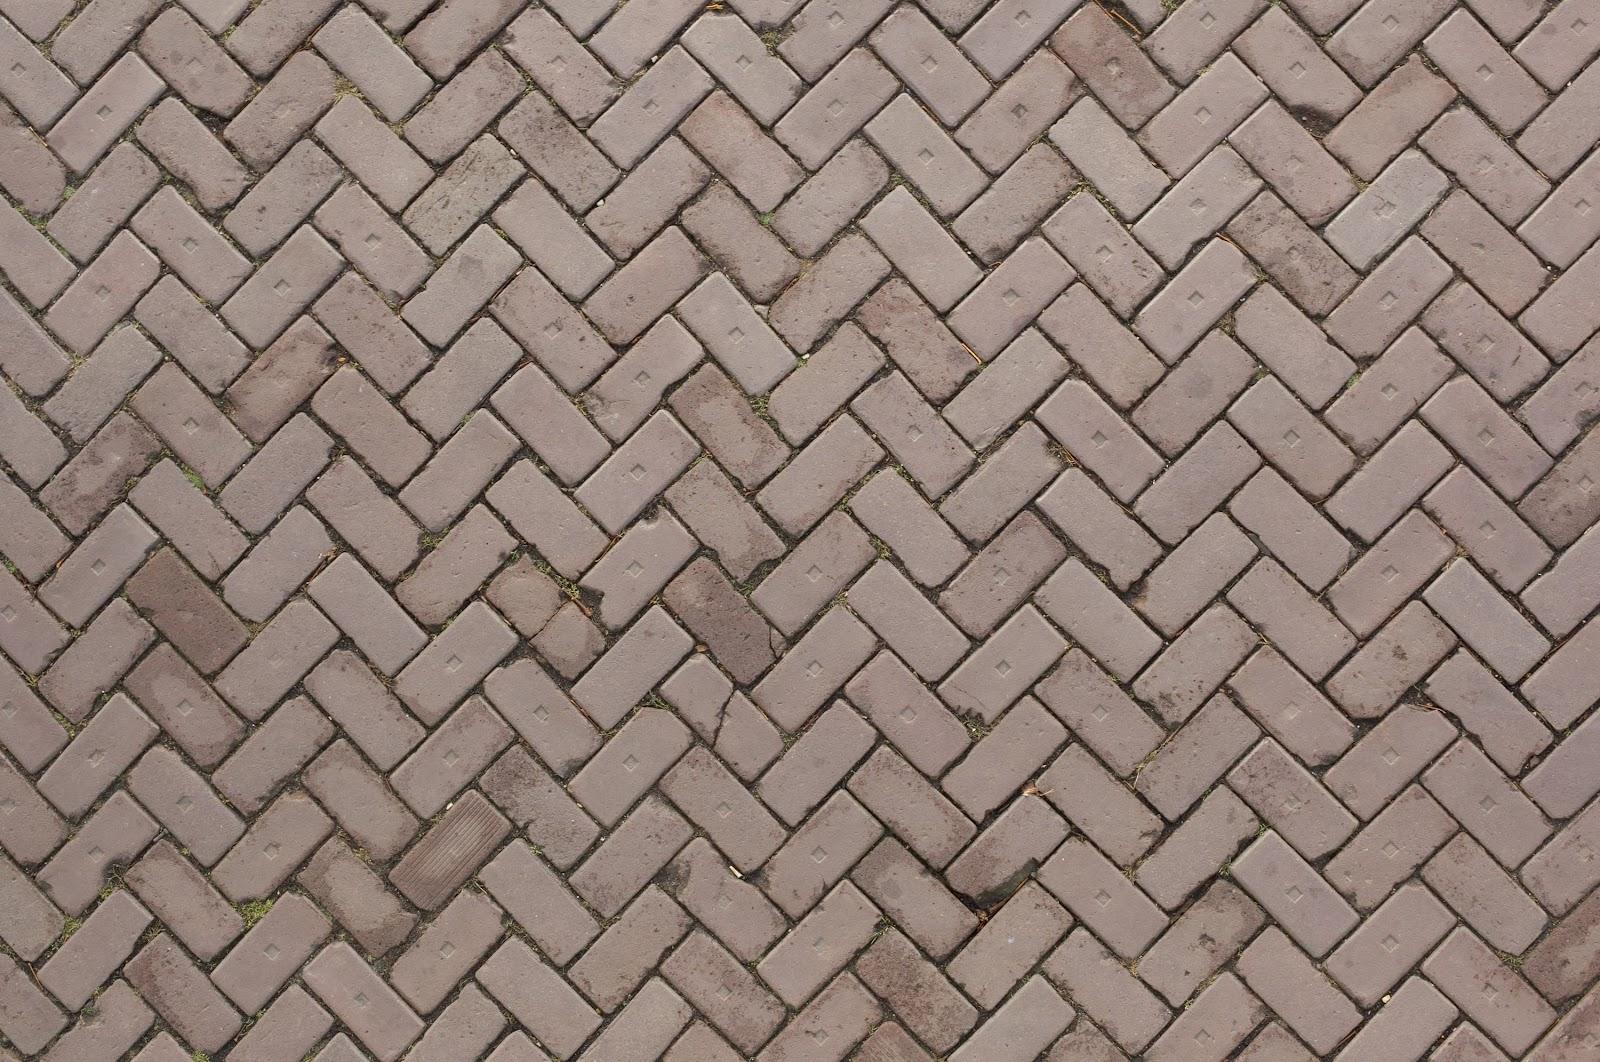 Outdoor flooring tiles texture for Exterior floor texture